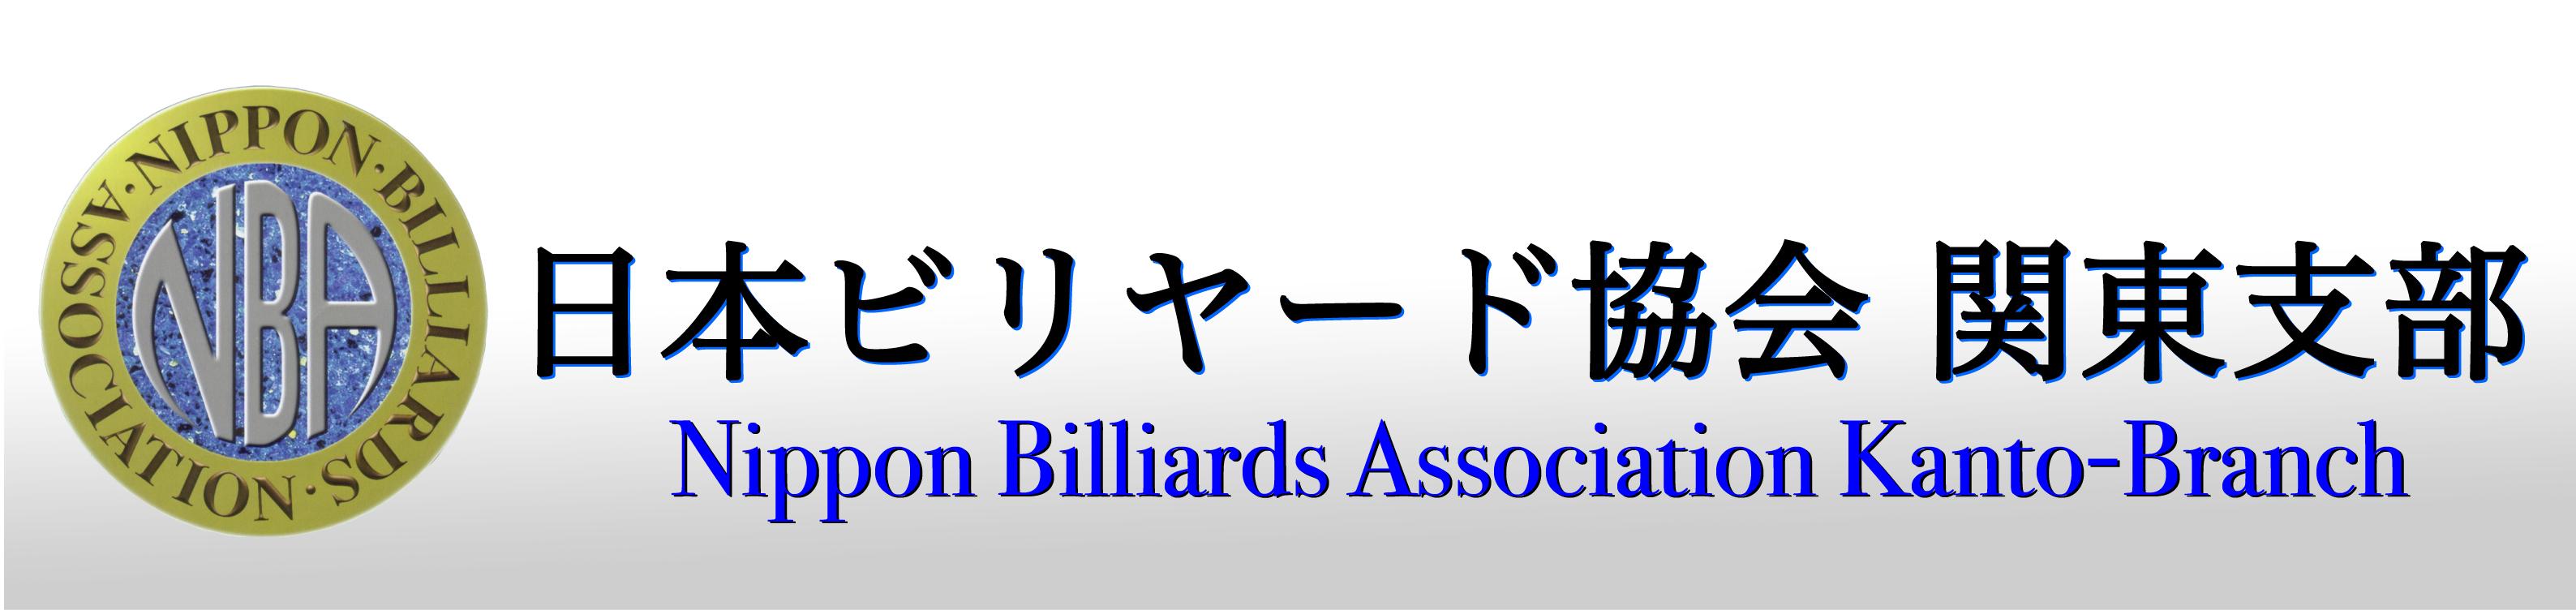 -寬仁親王杯- 第76回 全日本スリークッション選手権大会  [ 75th All Japan 3Cushion Championship ]